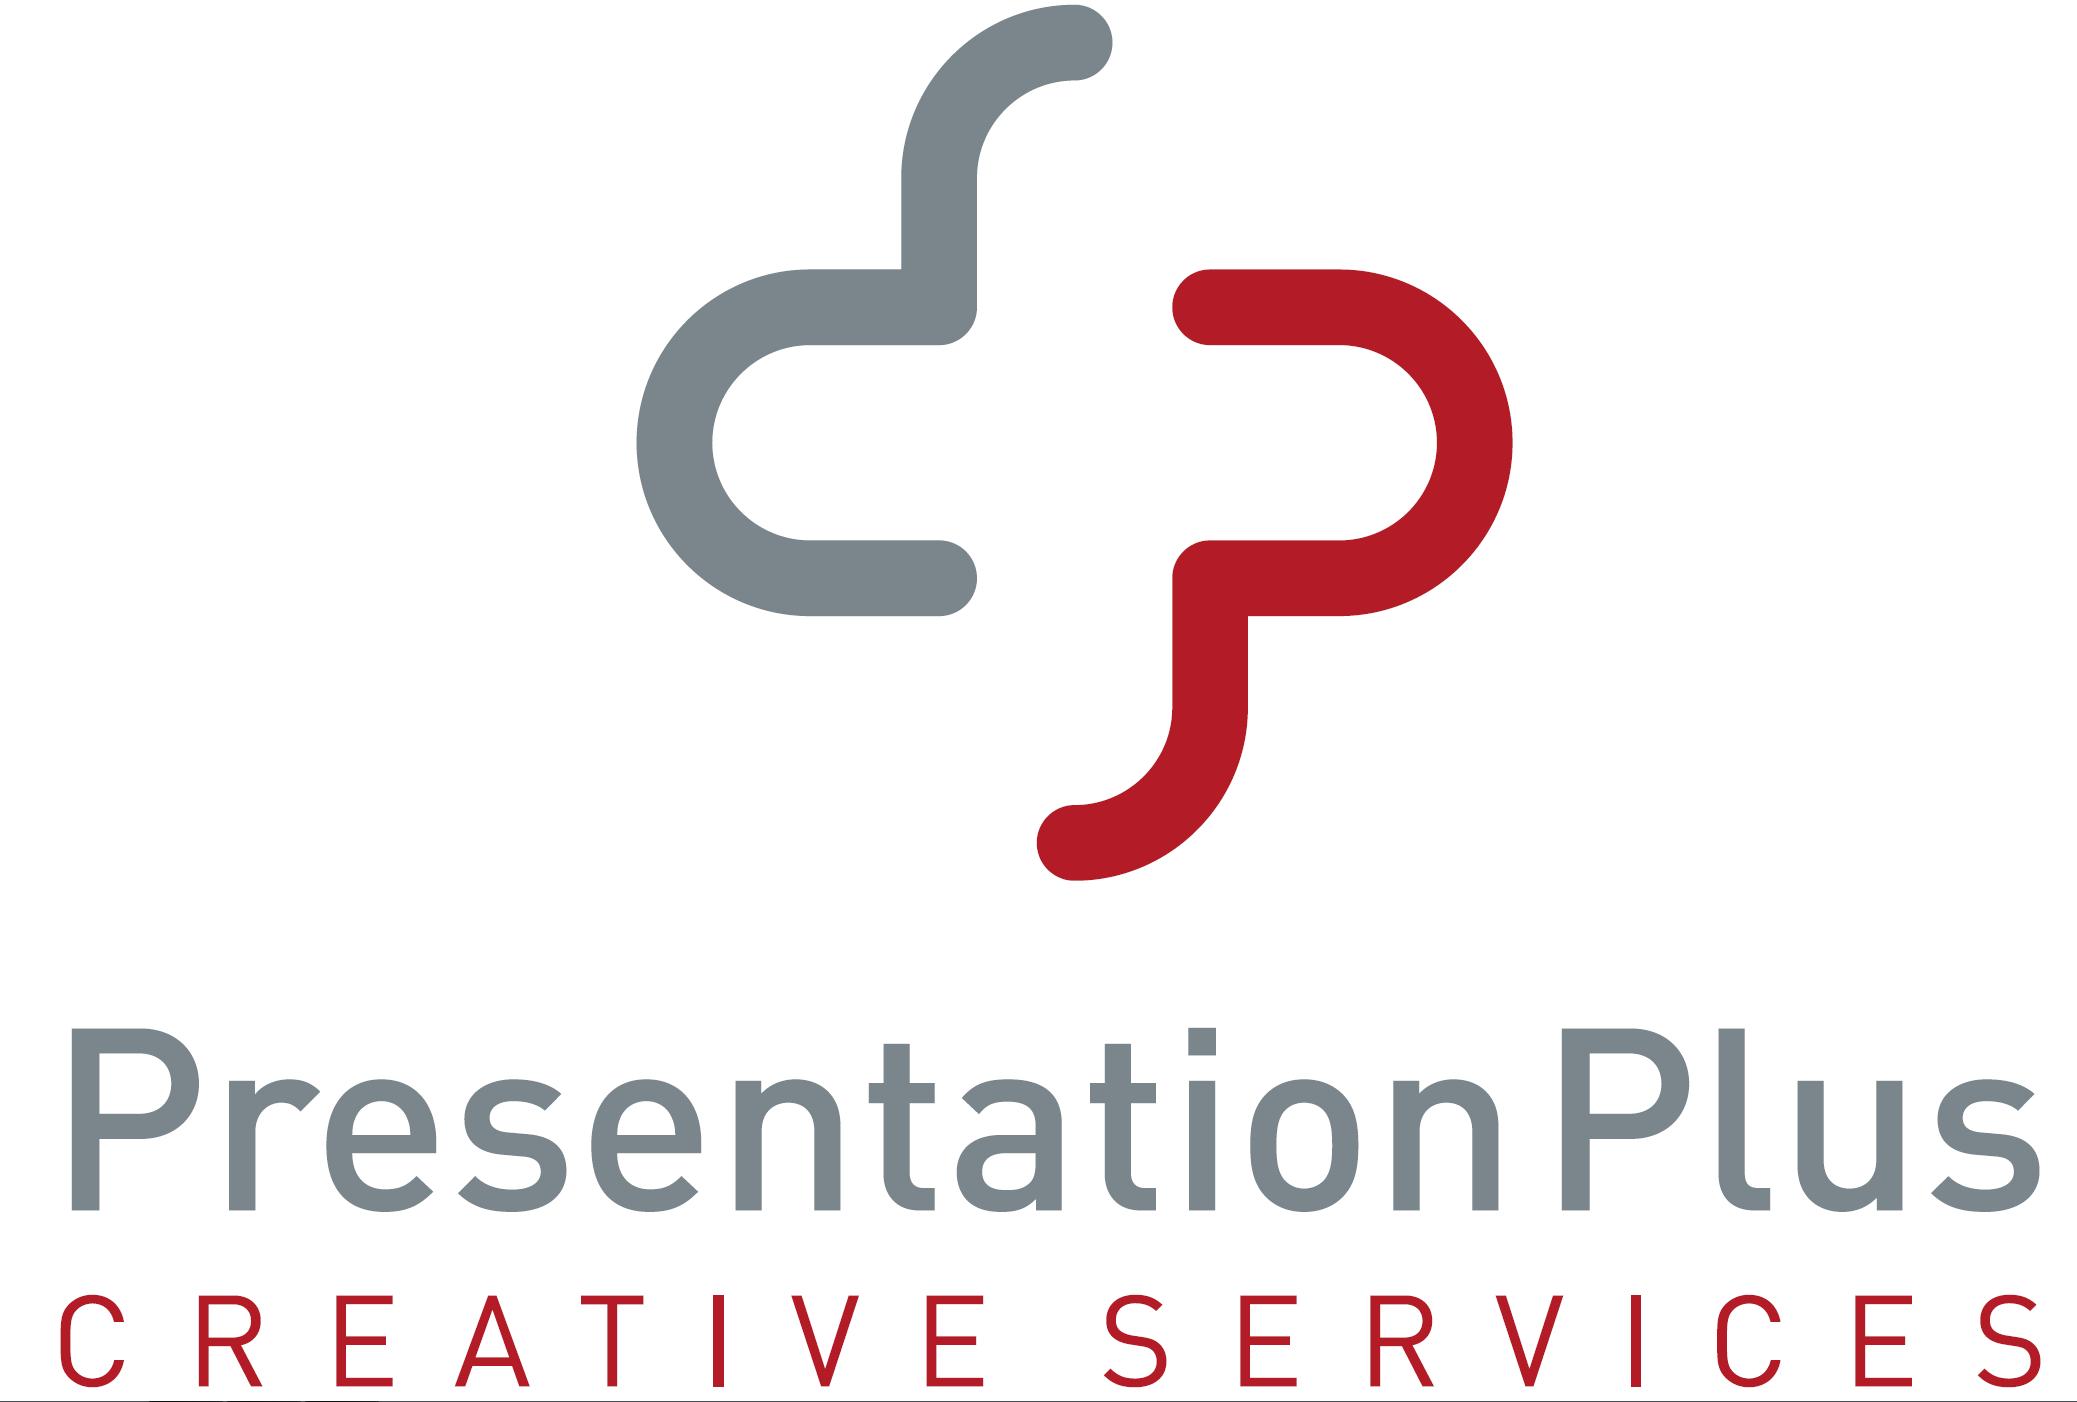 PresentationPlus